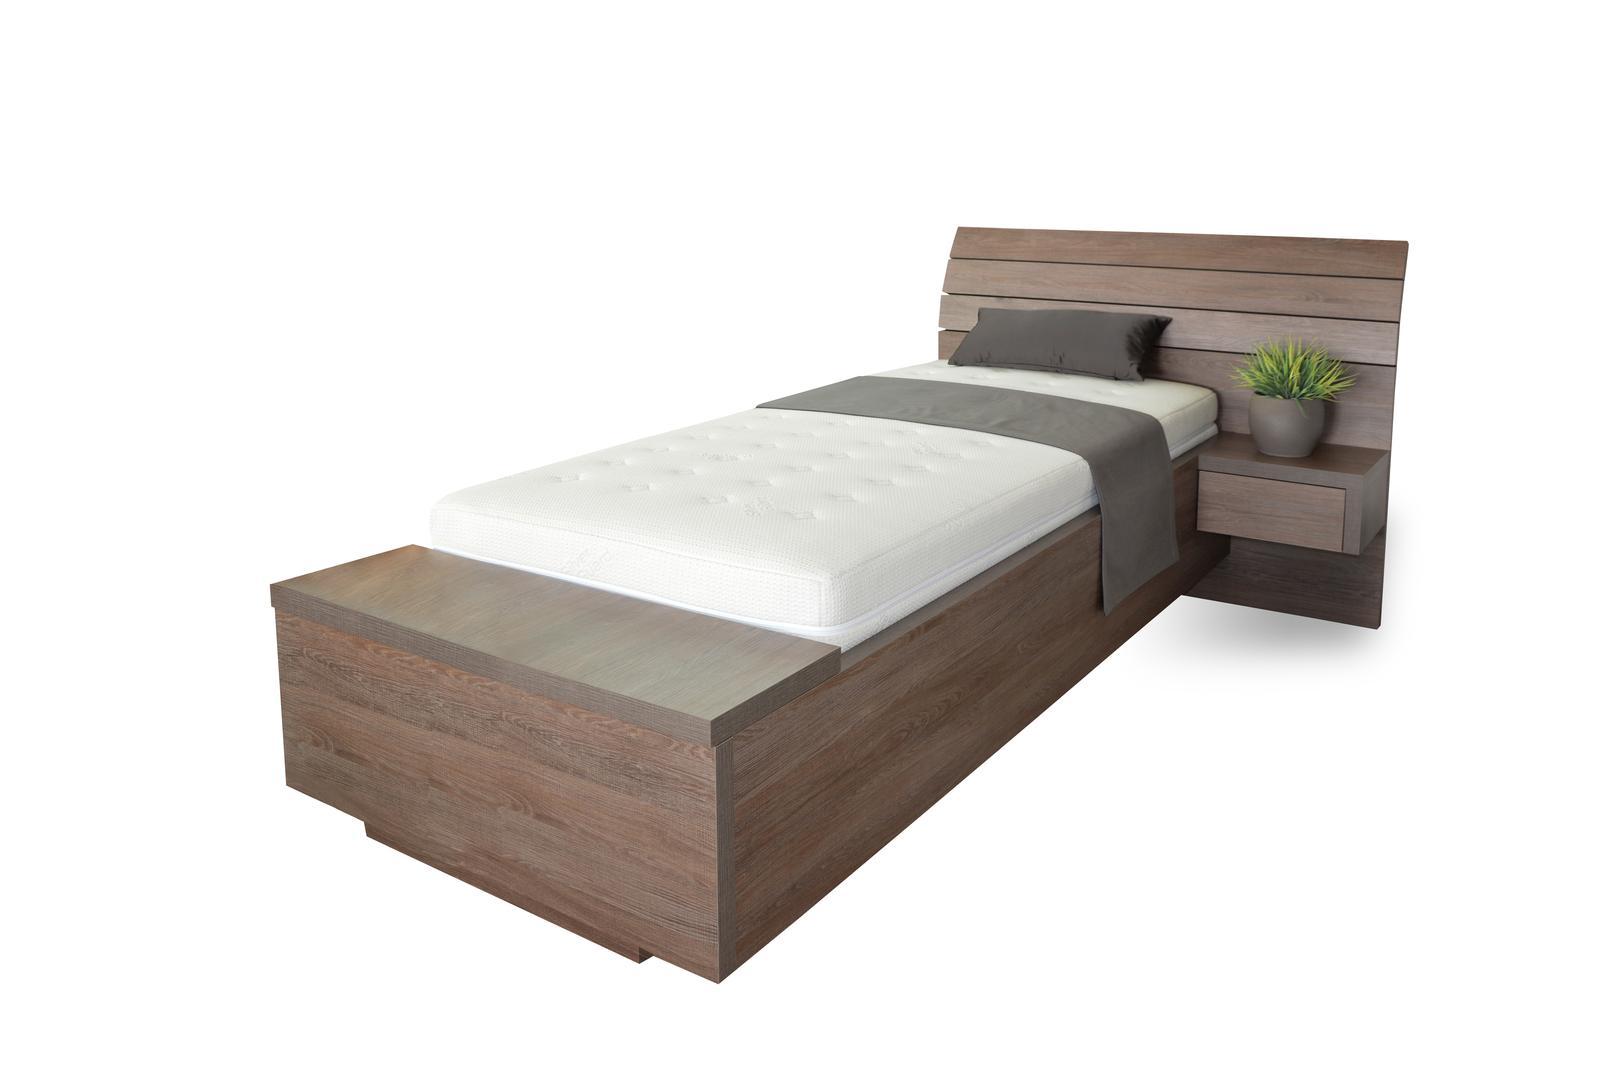 S vůní dřeva - Dřevěné jednolůžko Salina box u nohou